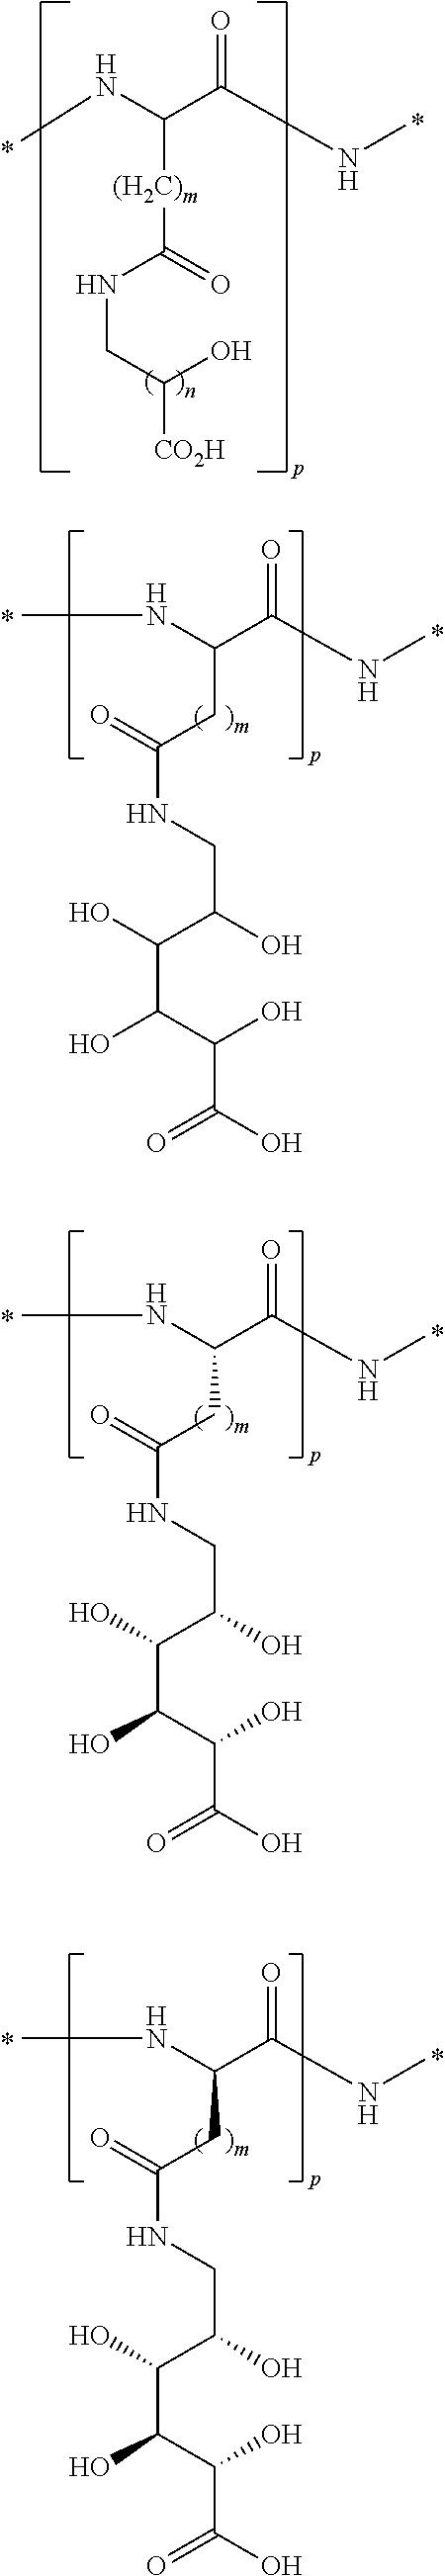 Figure US09662402-20170530-C00054